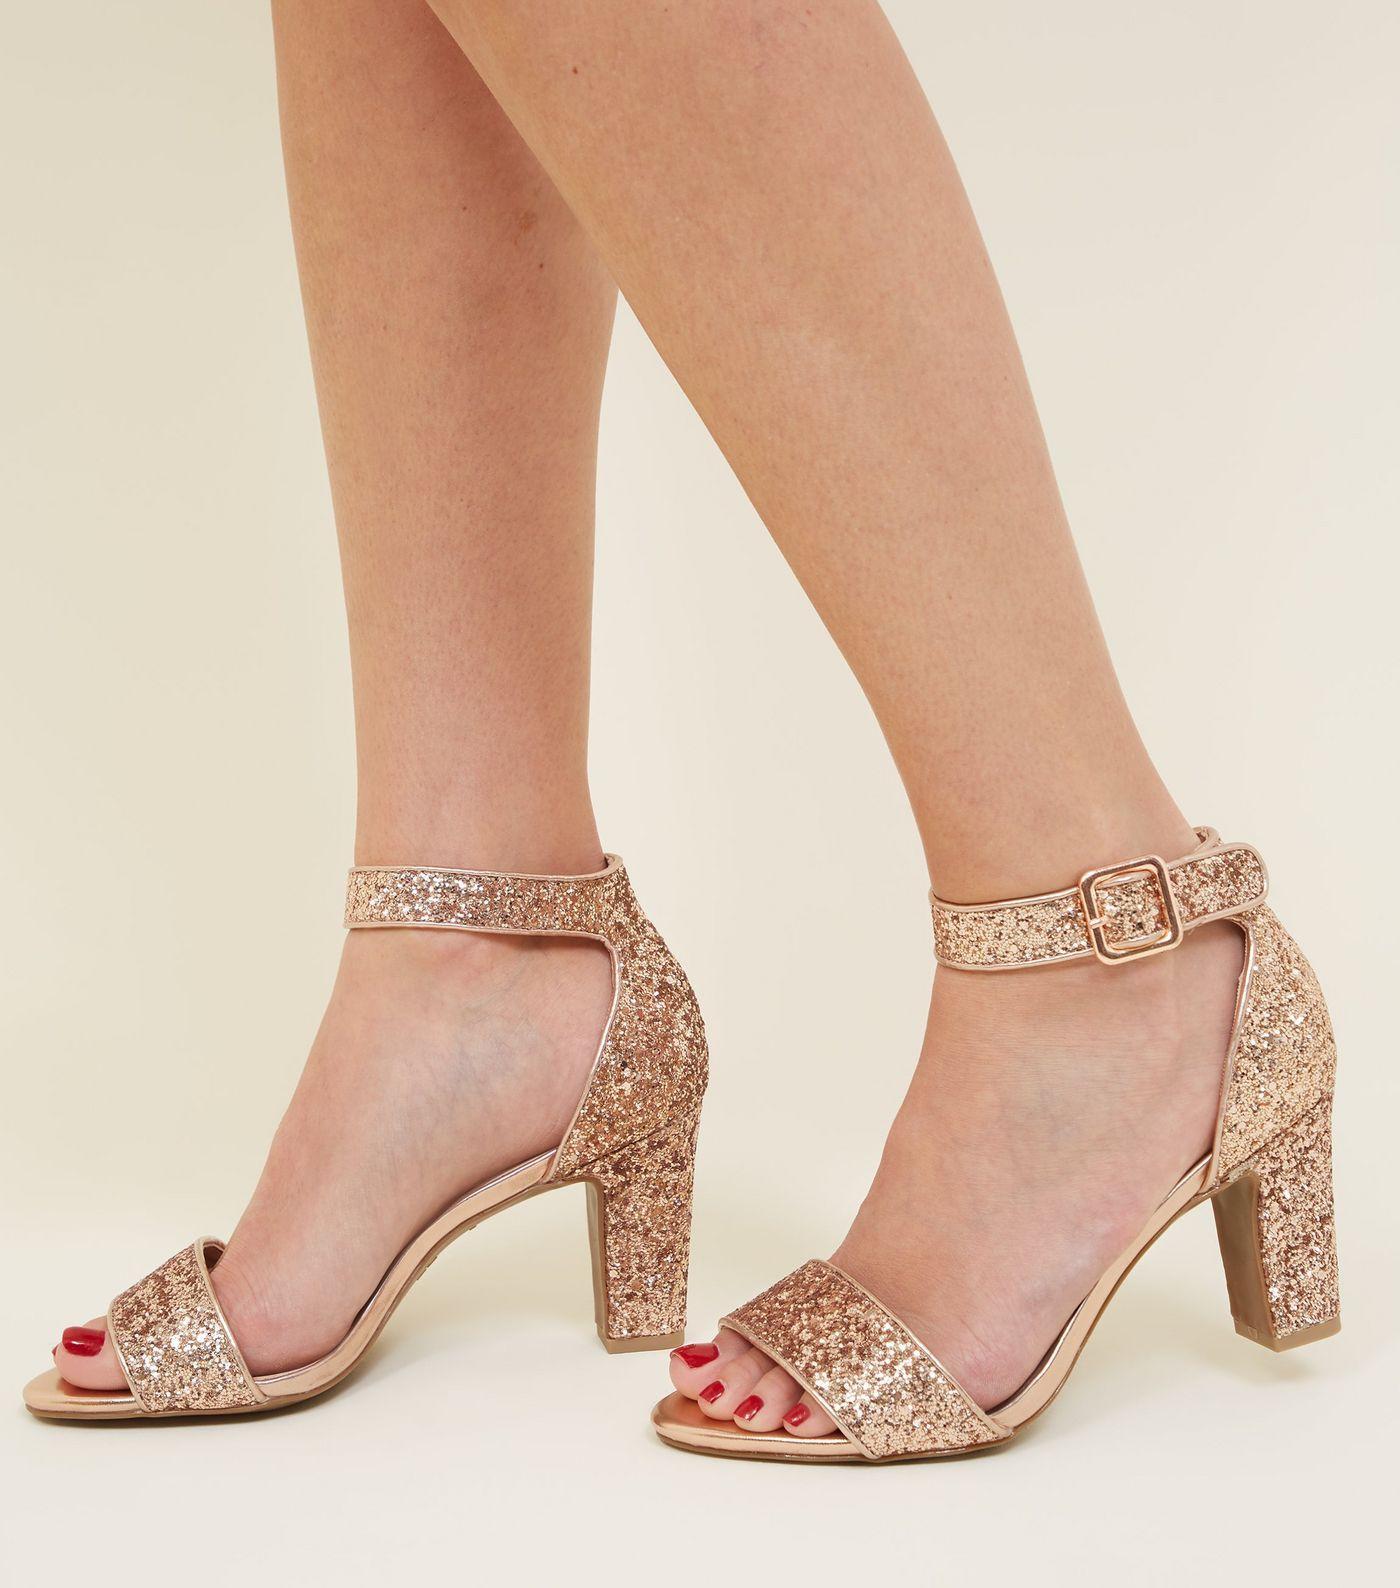 f7bfd24face Comfort Flex Silver Glittery Block Heels in 2019 | Footware | Heels ...